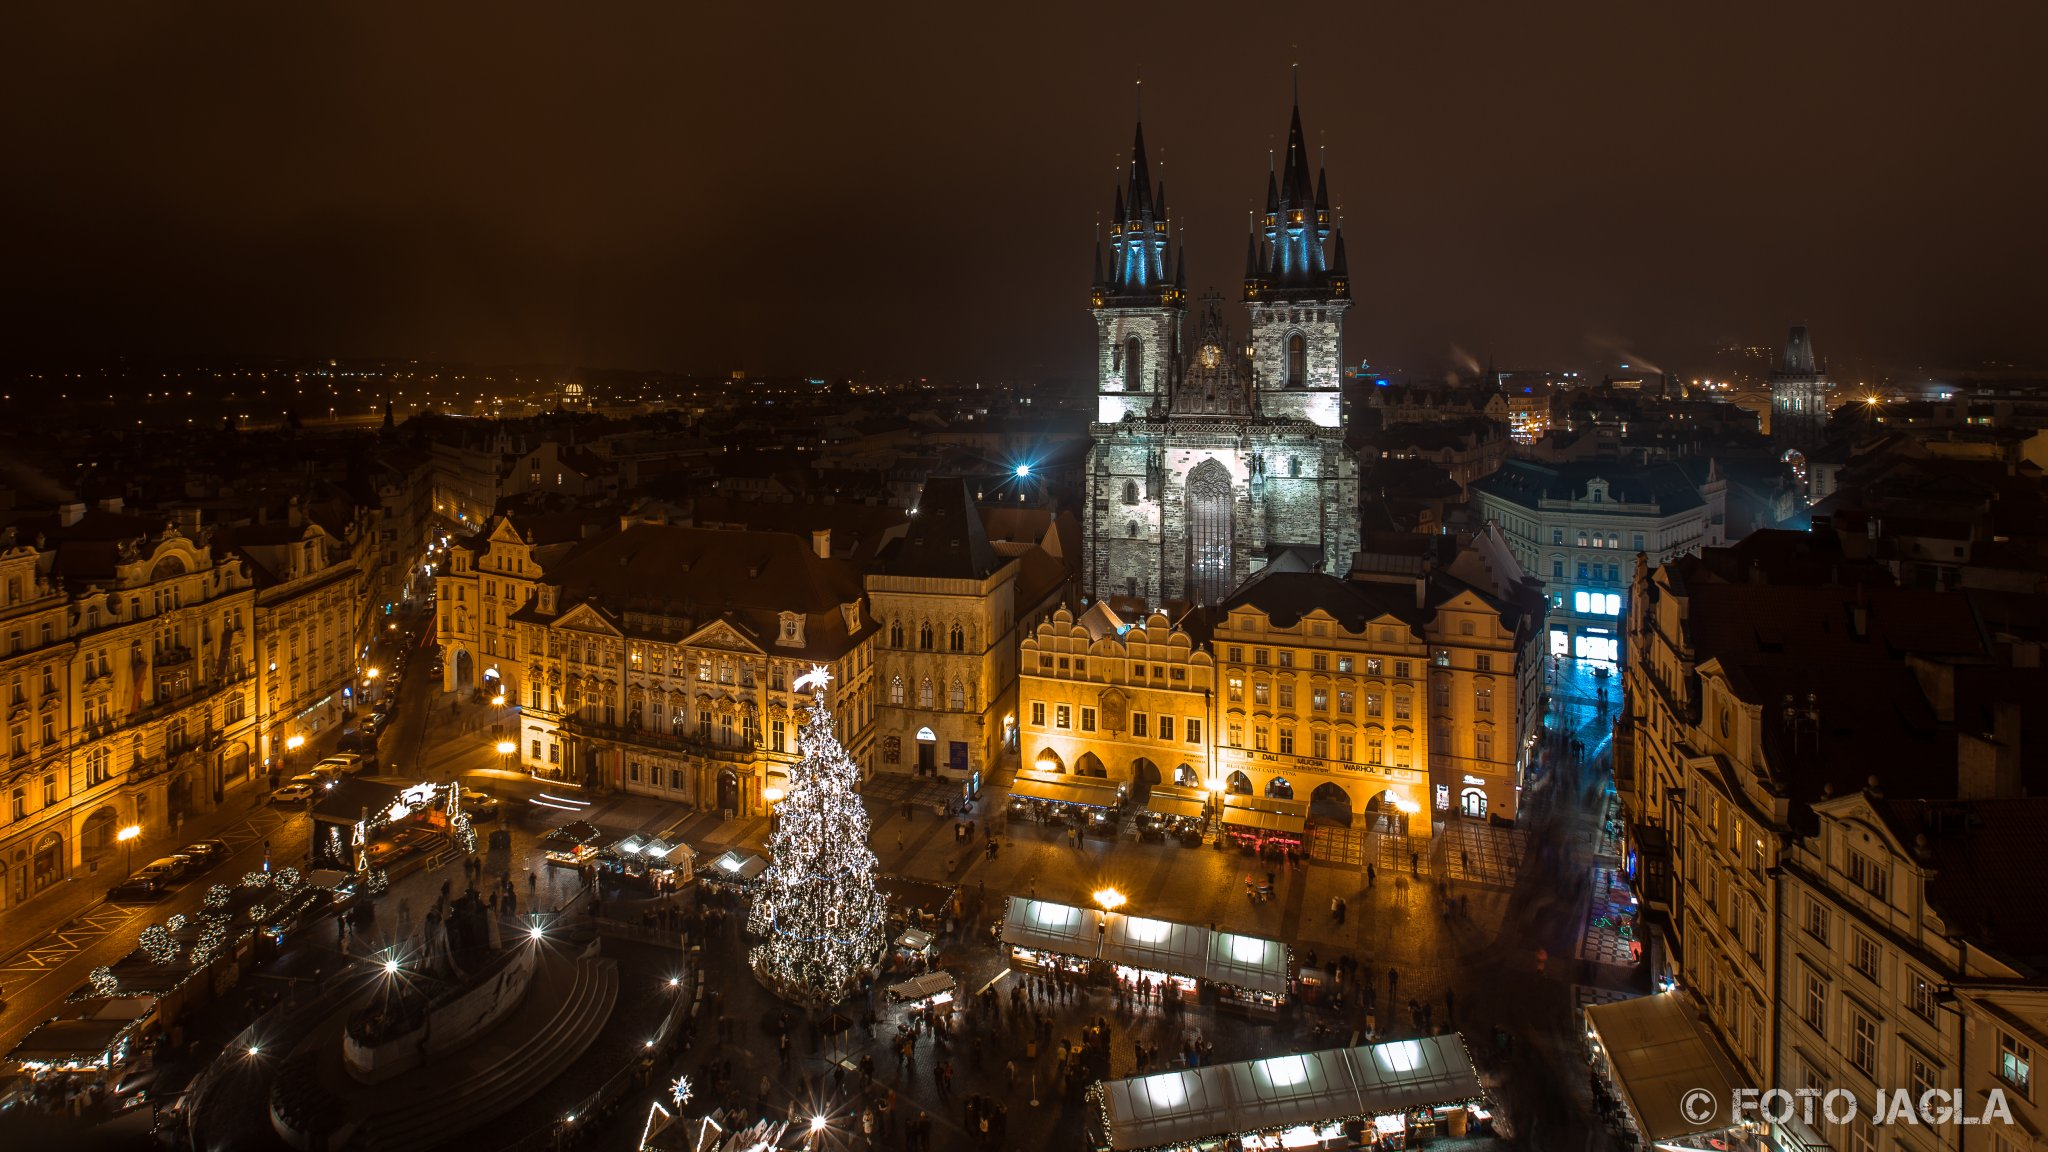 Blick auf die Teynkirche aufgenommen vom Altstädter Rathhaus in Prag